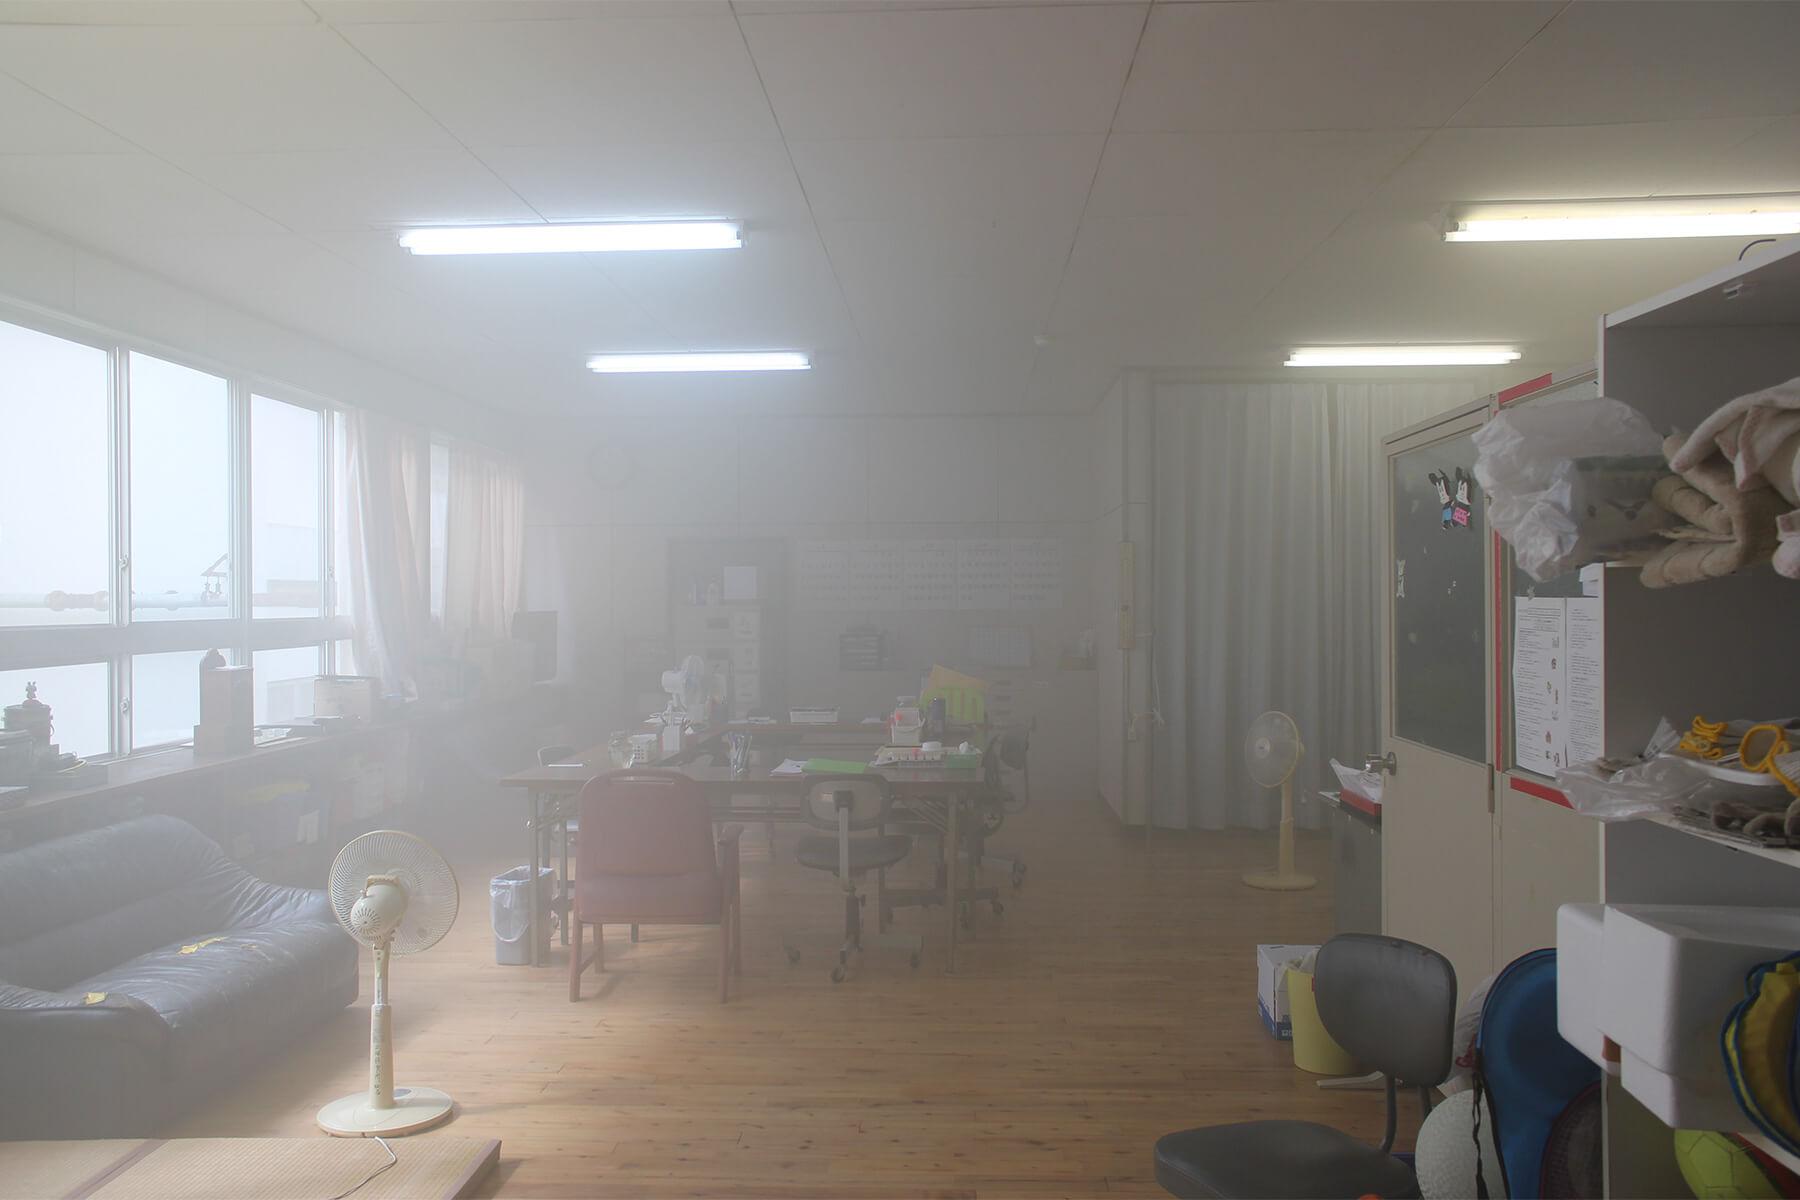 除菌工房 天然の植物由来成分の薬剤ミスト(霧)が室内に散布している様子